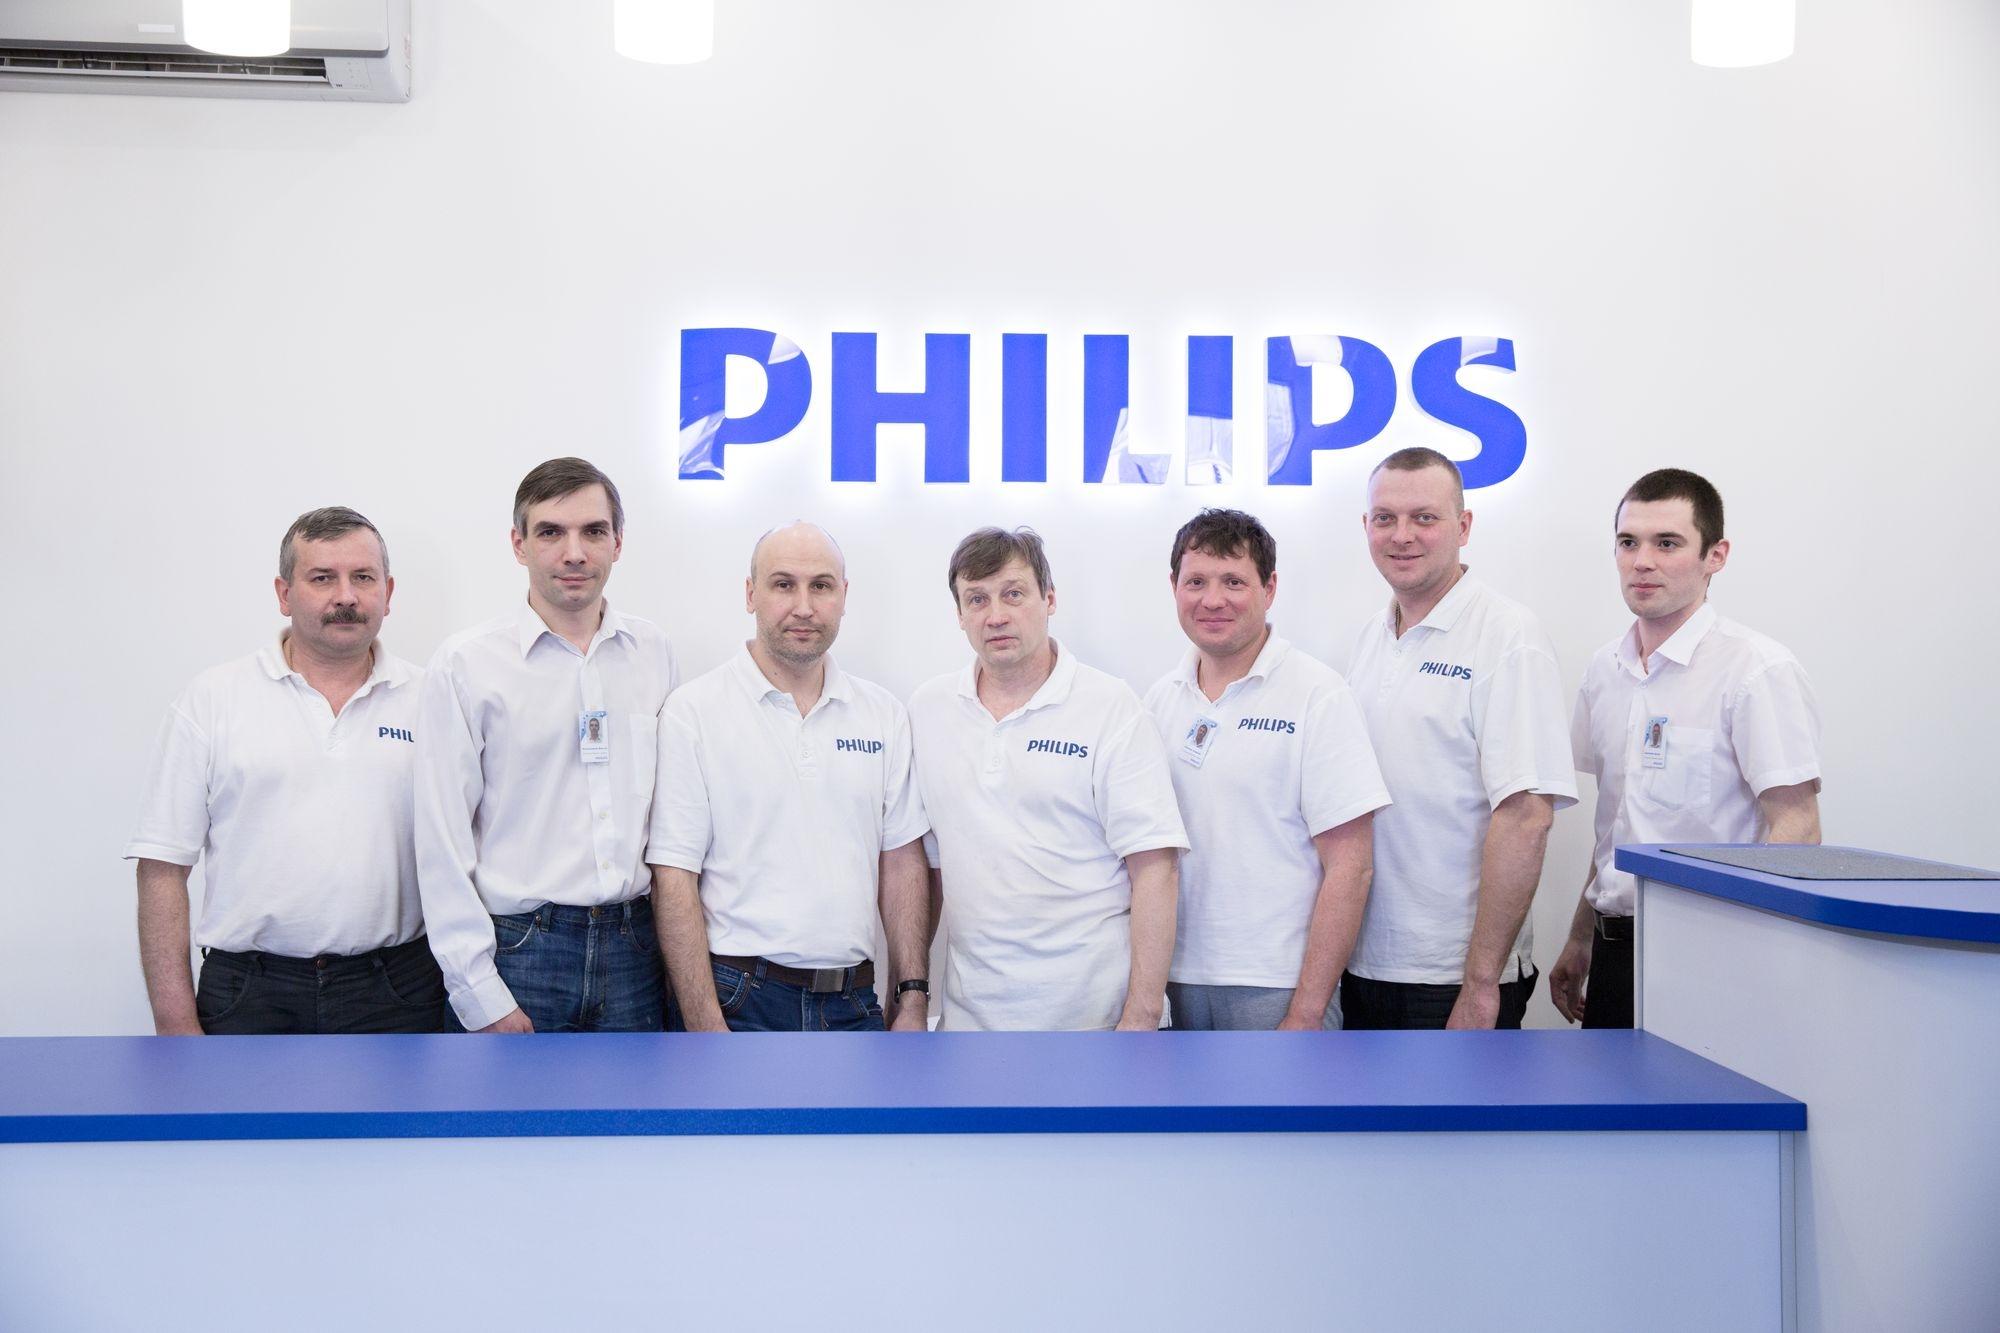 Сервисный центр филипс спб ремонт пленочных фотоаппаратов харьков - ремонт в Москве